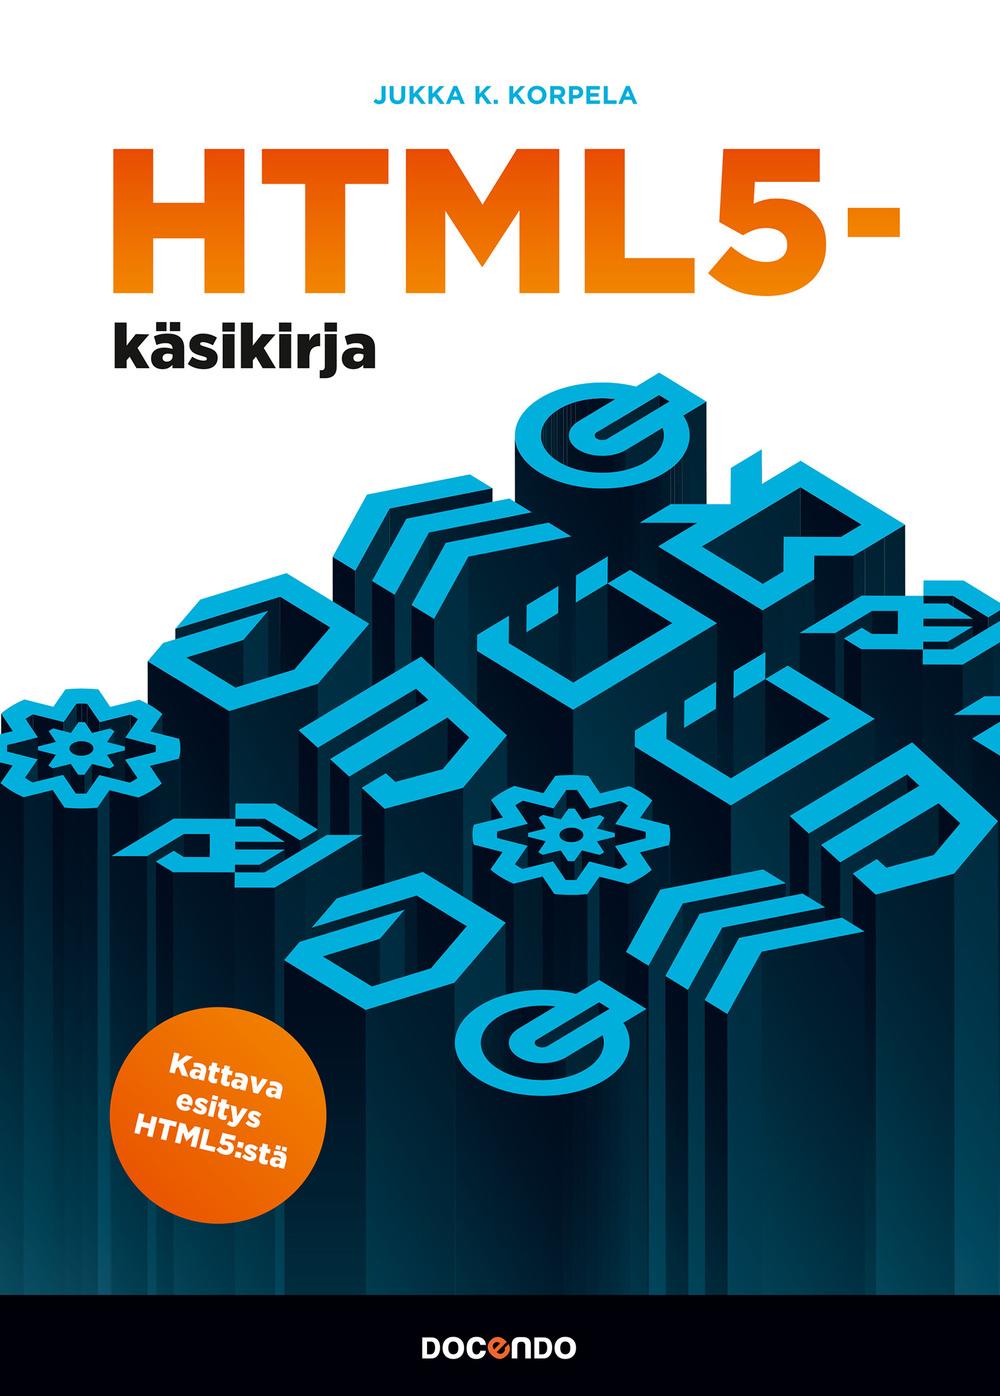 HTML5_cover_Sami_Piskonen.jpg